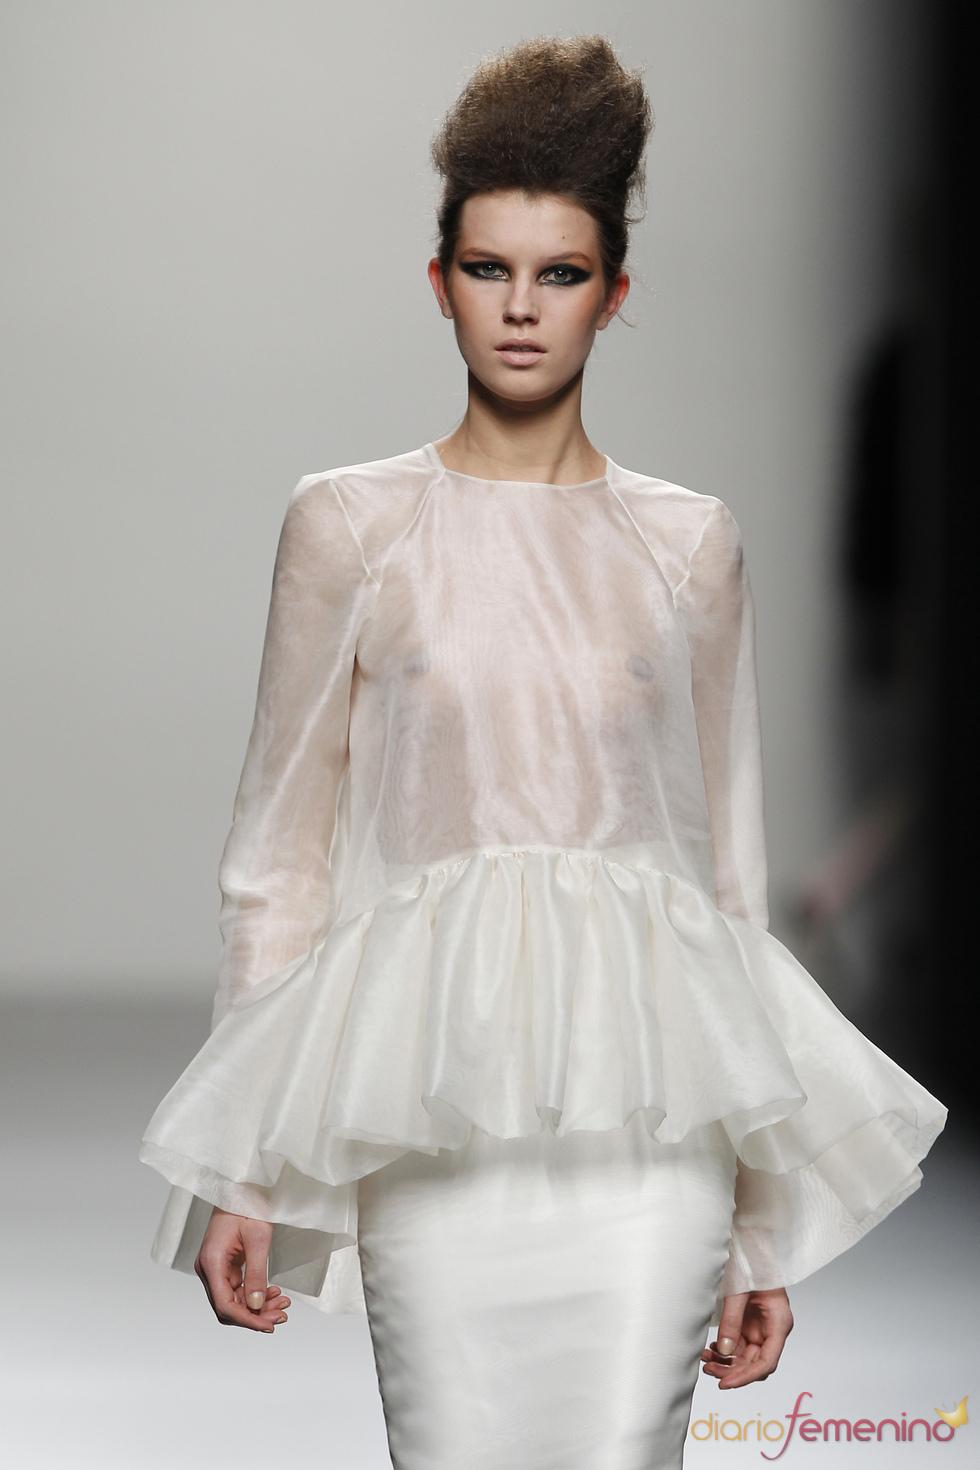 Vestido blanco de seda con vuelo, propuesta de Juana Martín